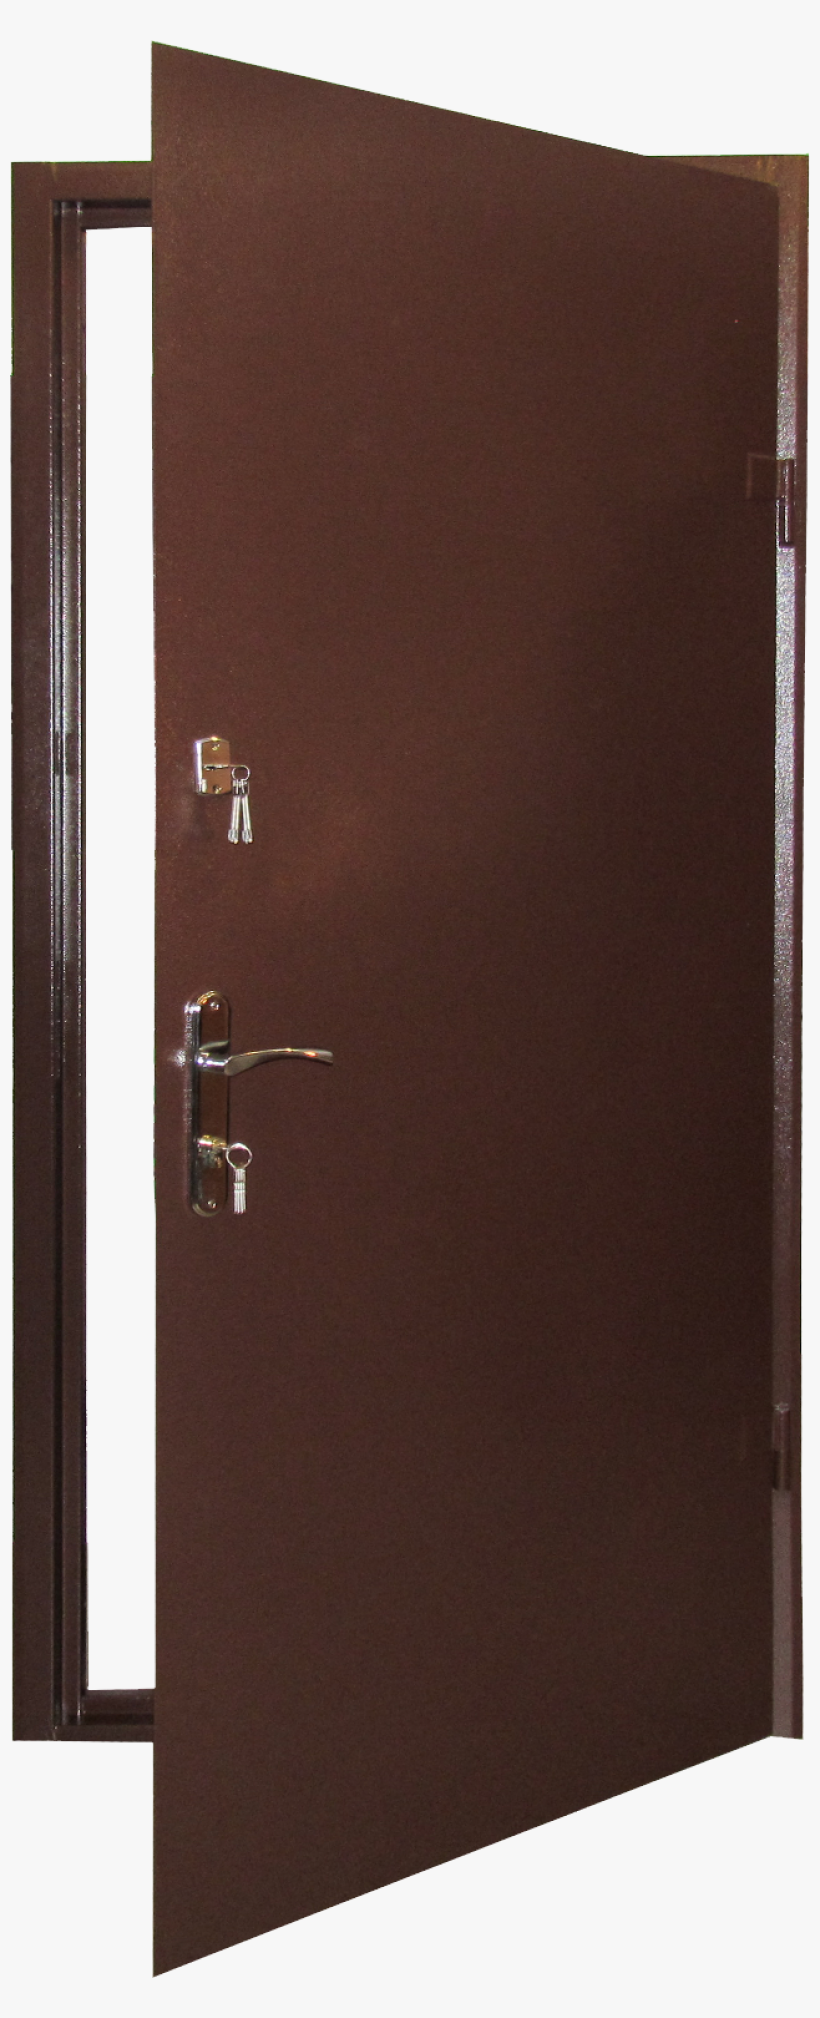 Open Door Png - Transparent Background Open Door Png, transparent png #822169